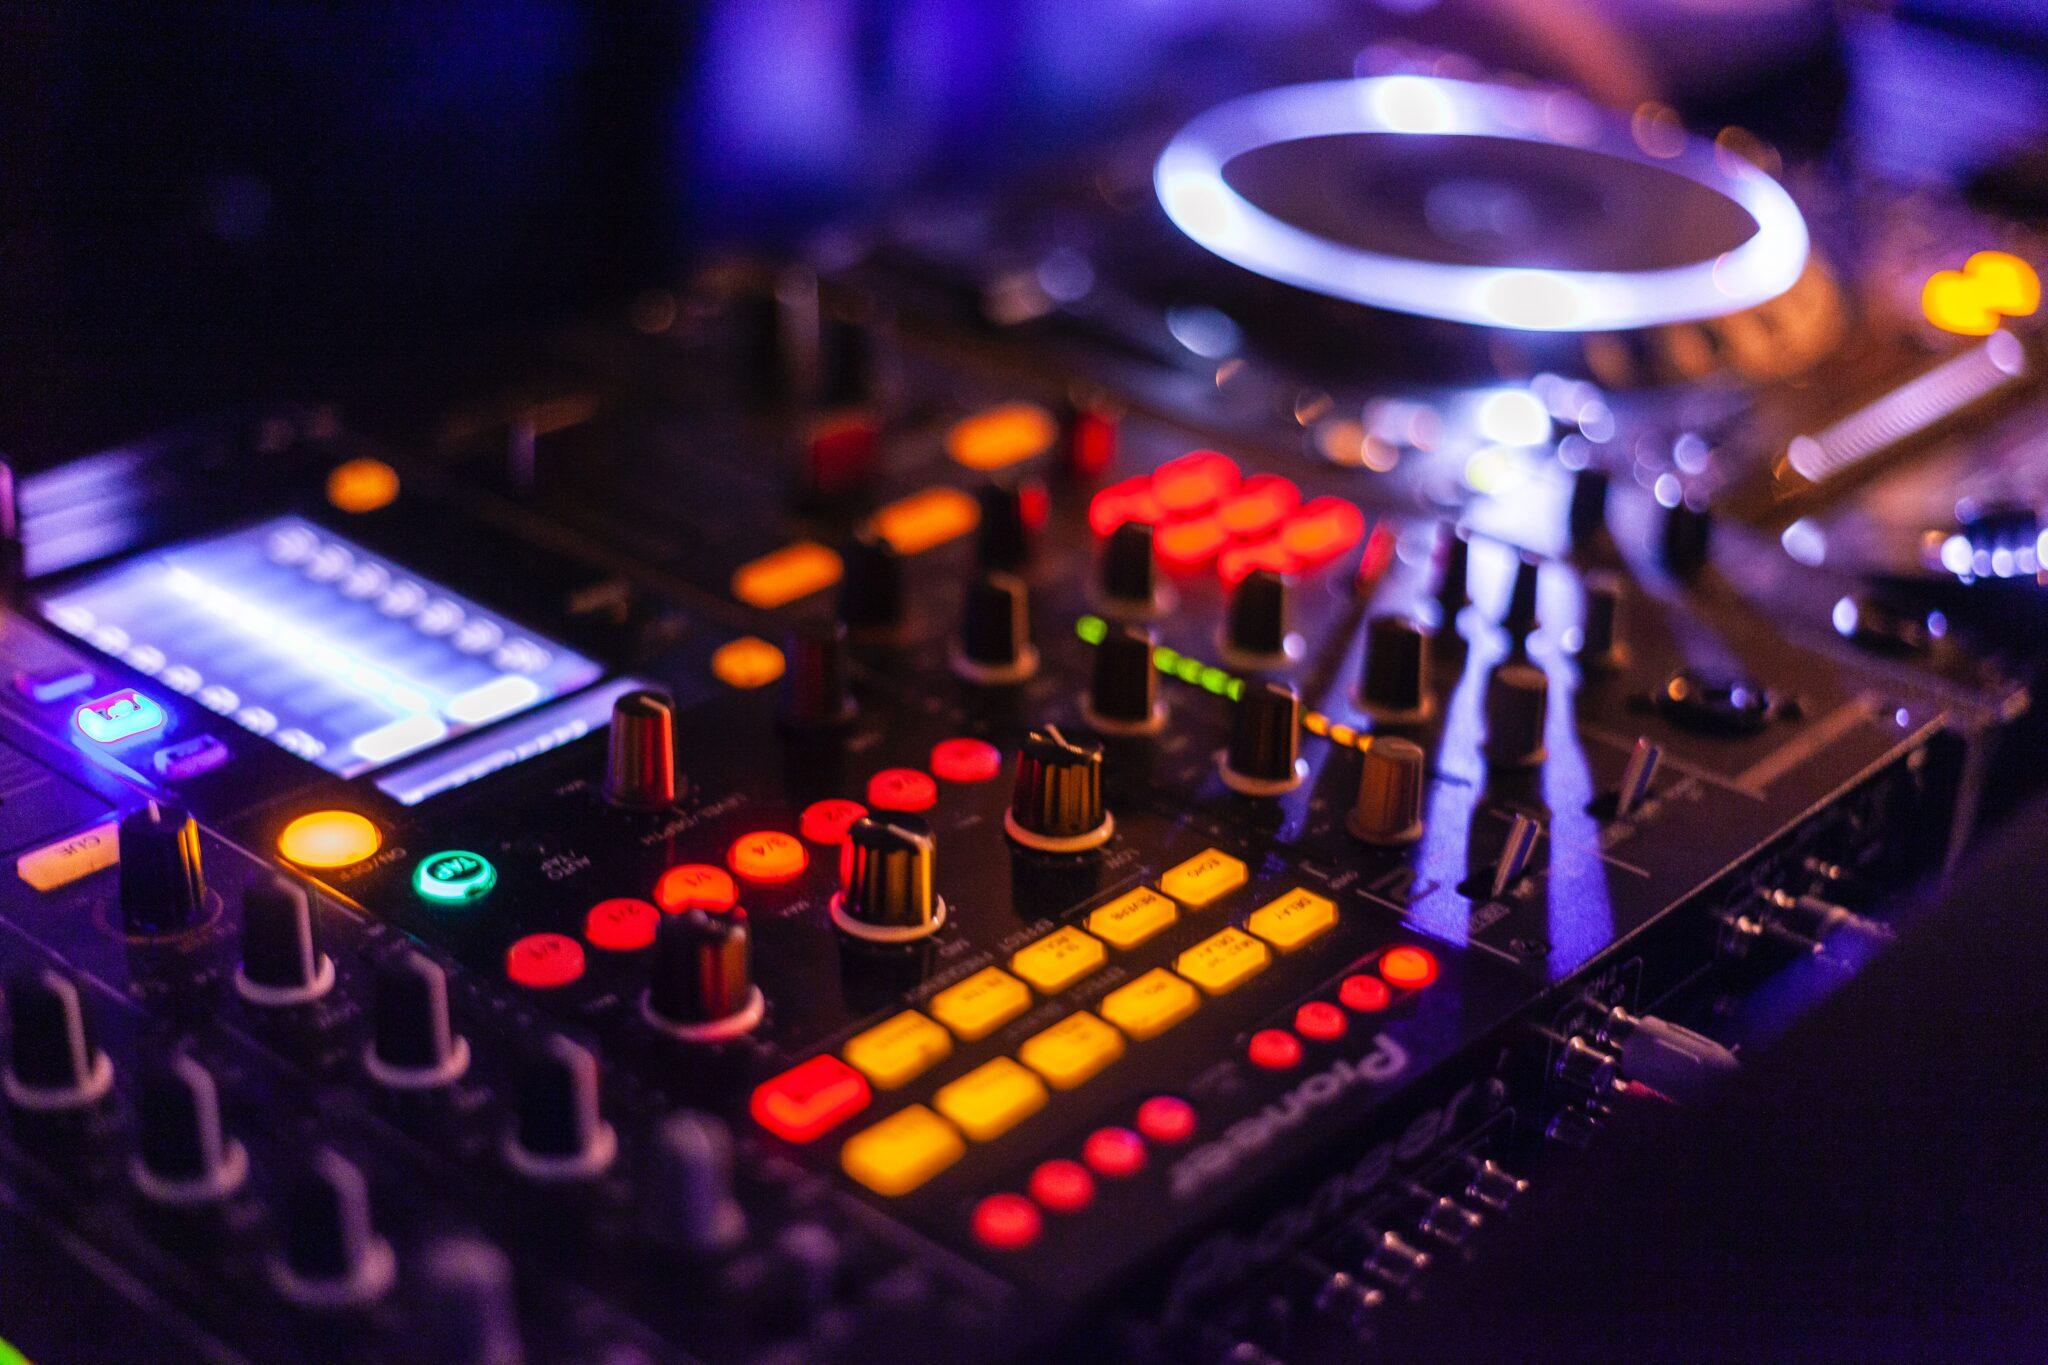 DJ or Spotify